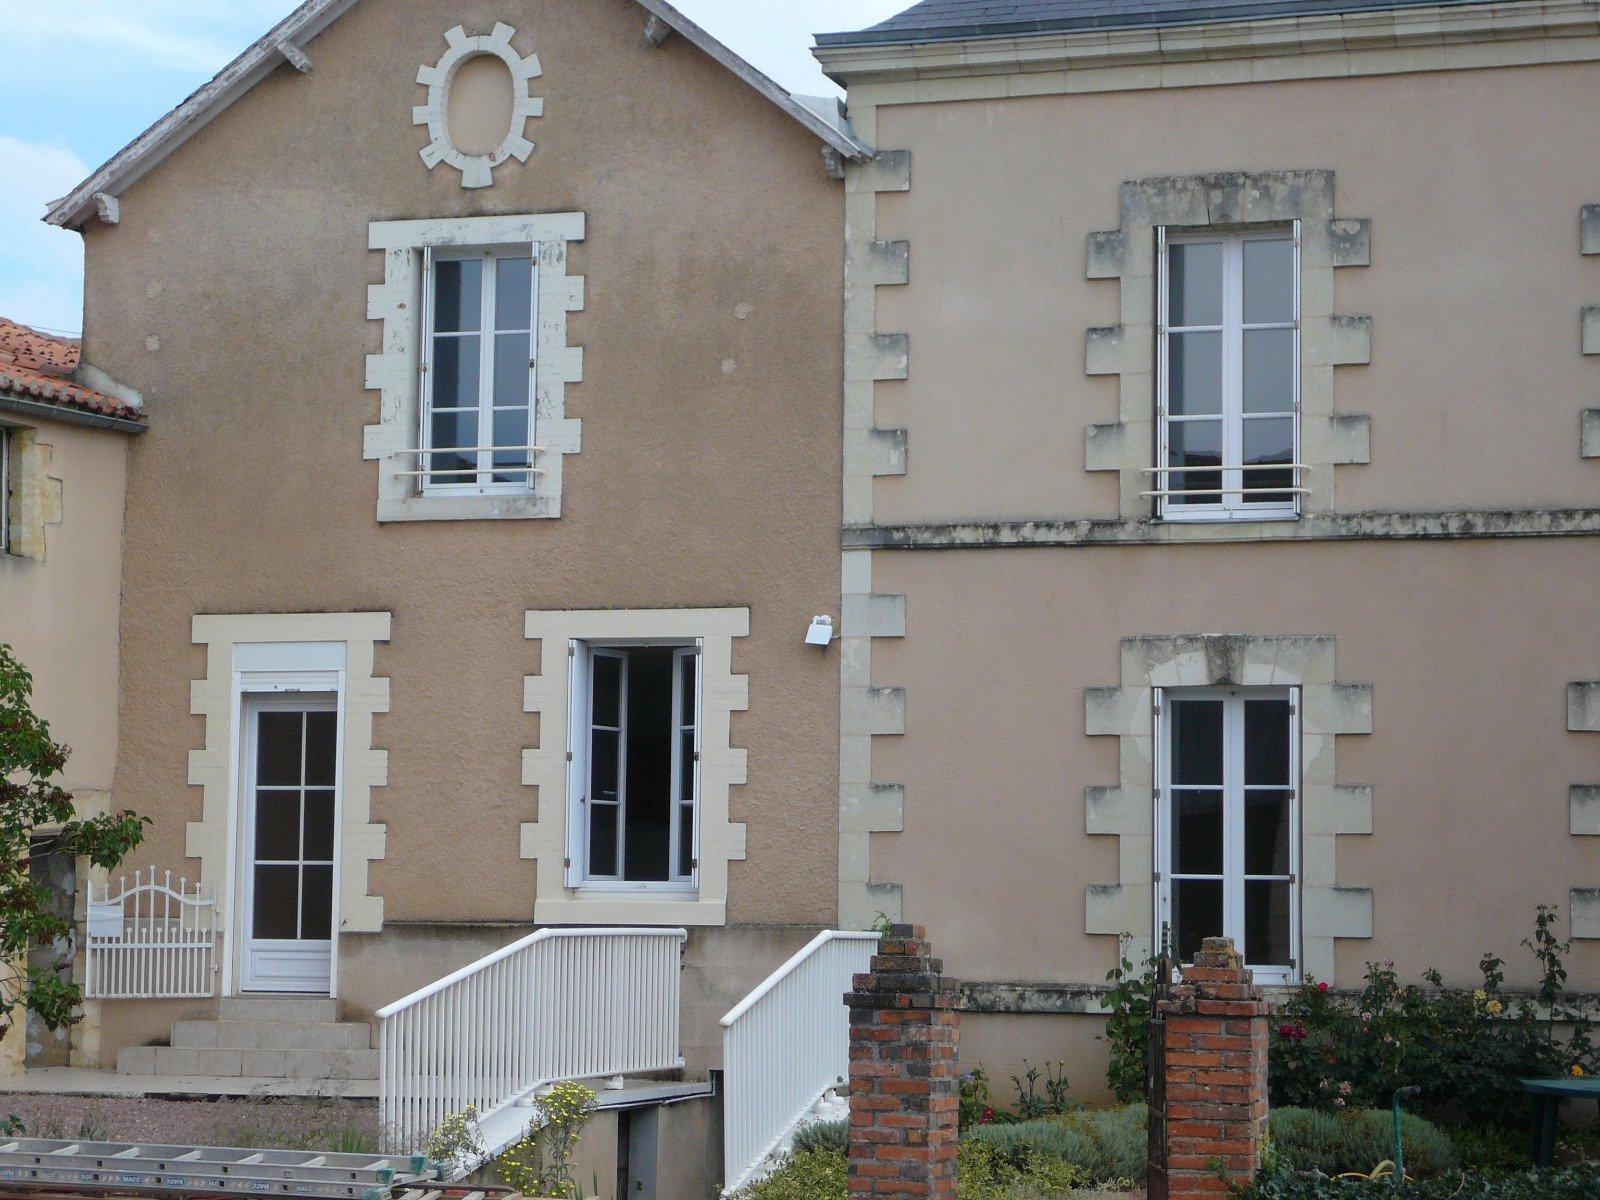 Maison Saint-jacques-de-thouars - 3 Pièce(s) - 96 m² (env)